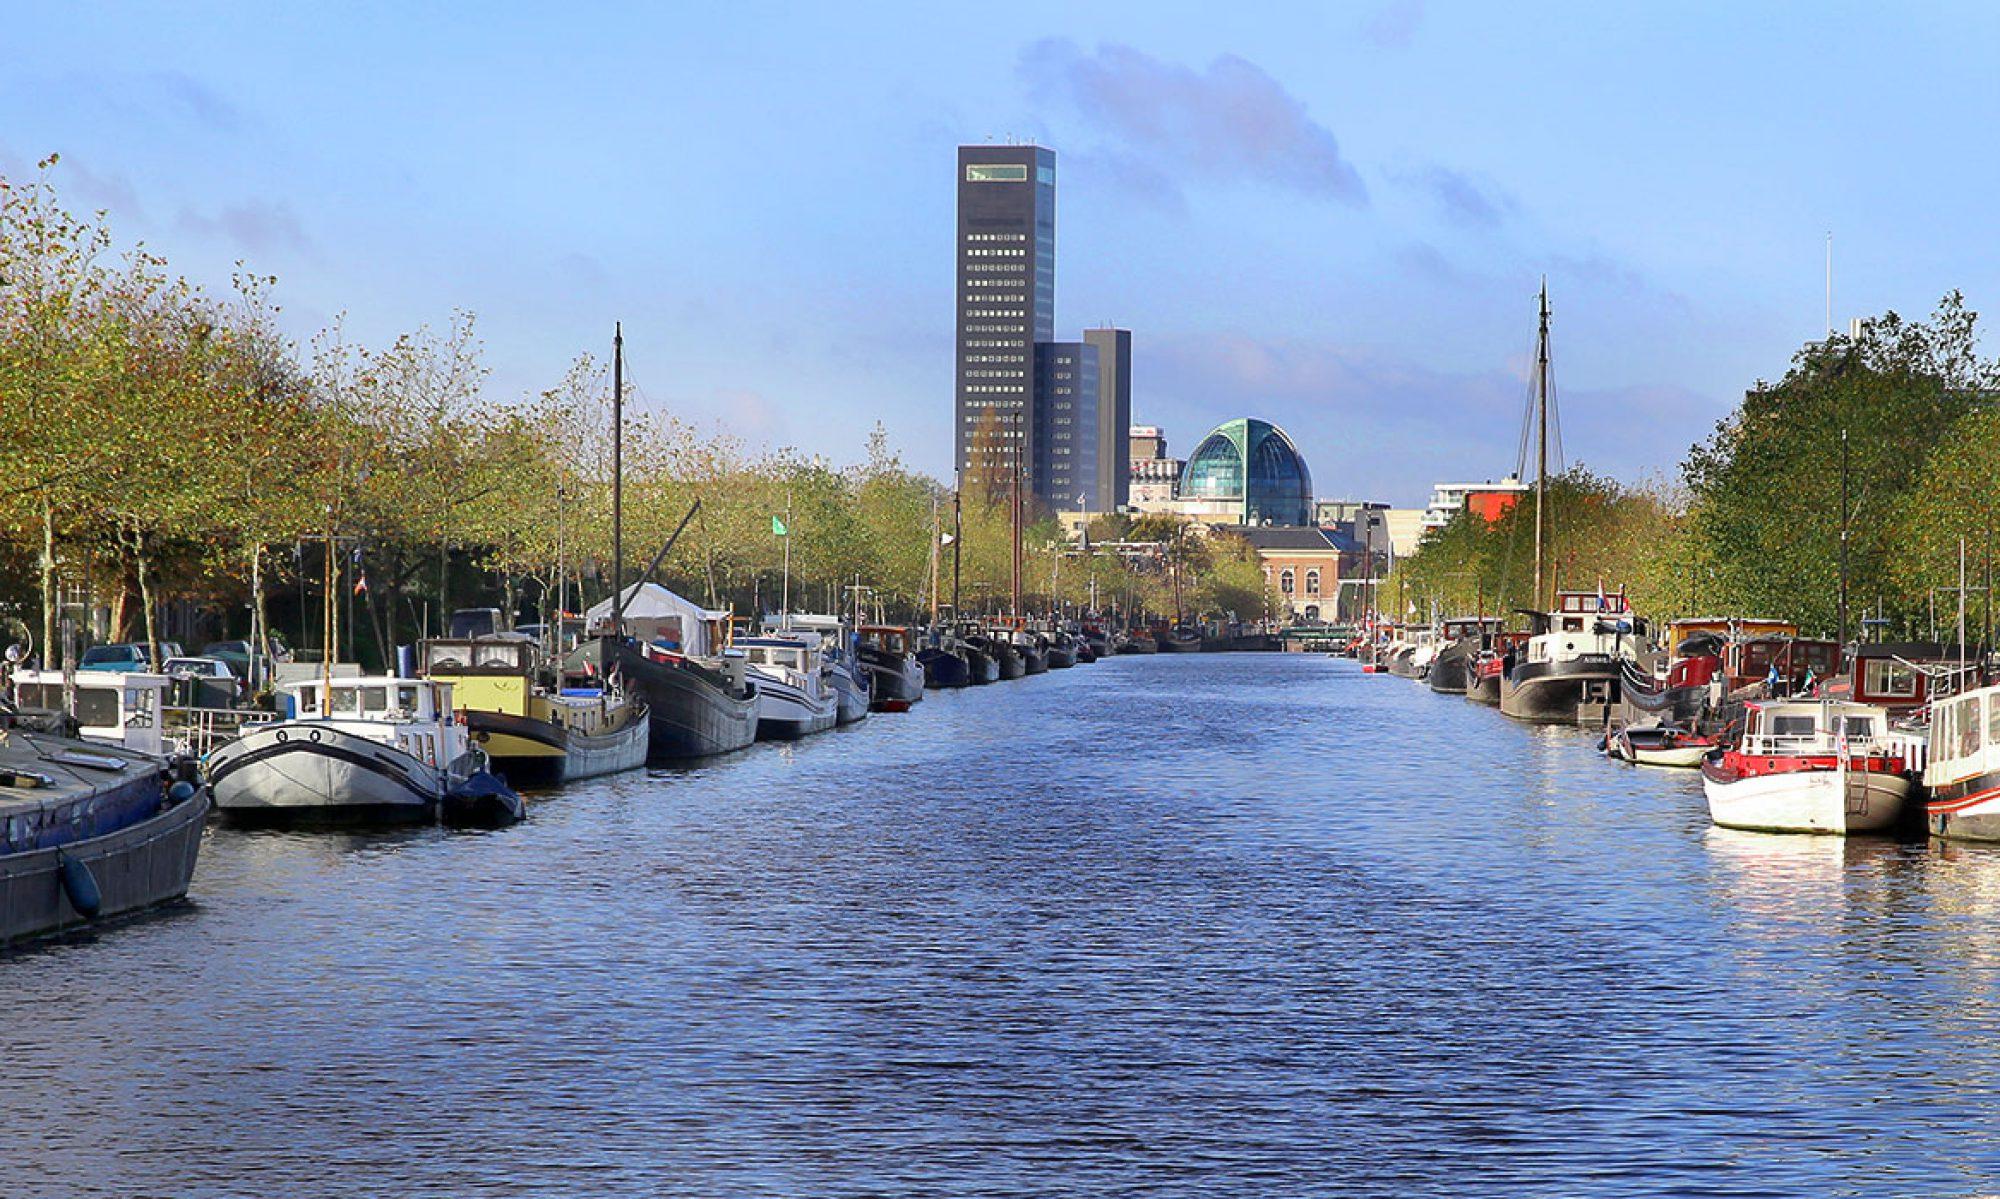 Straatadvocaat Leeuwarden